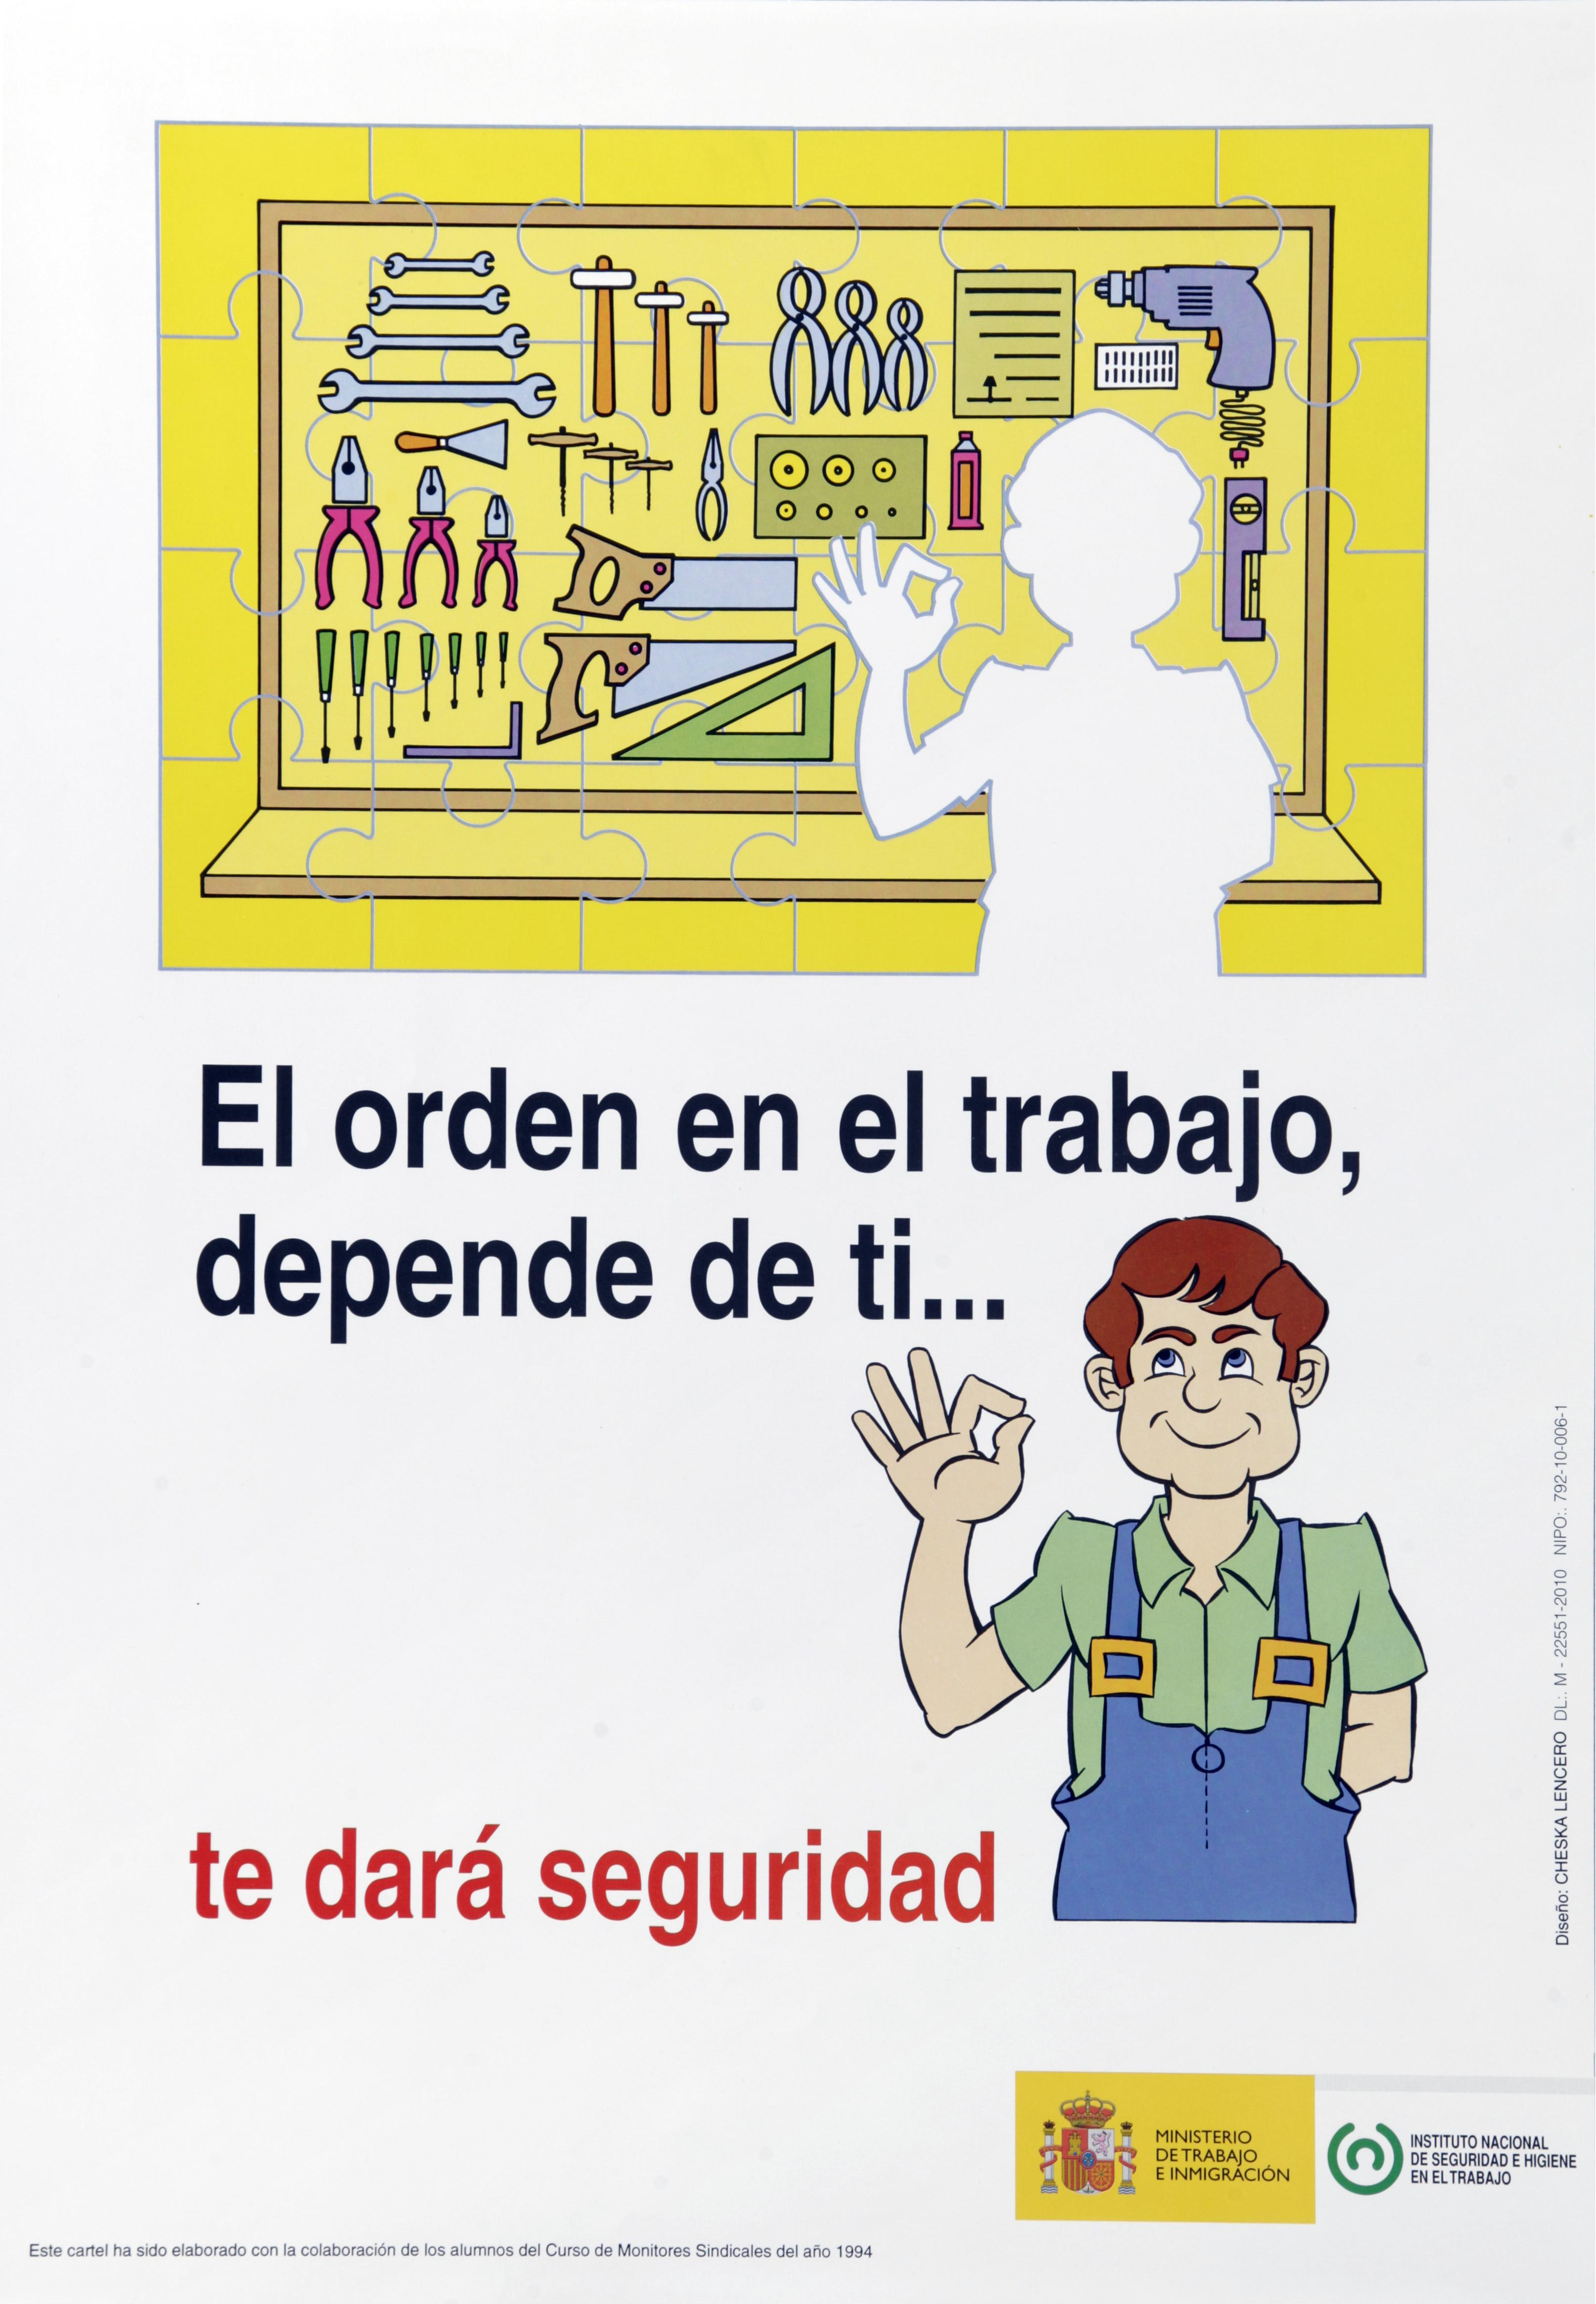 El orden en el trabajo depende de ti... te dará seguridad. Cartel - Año 2011